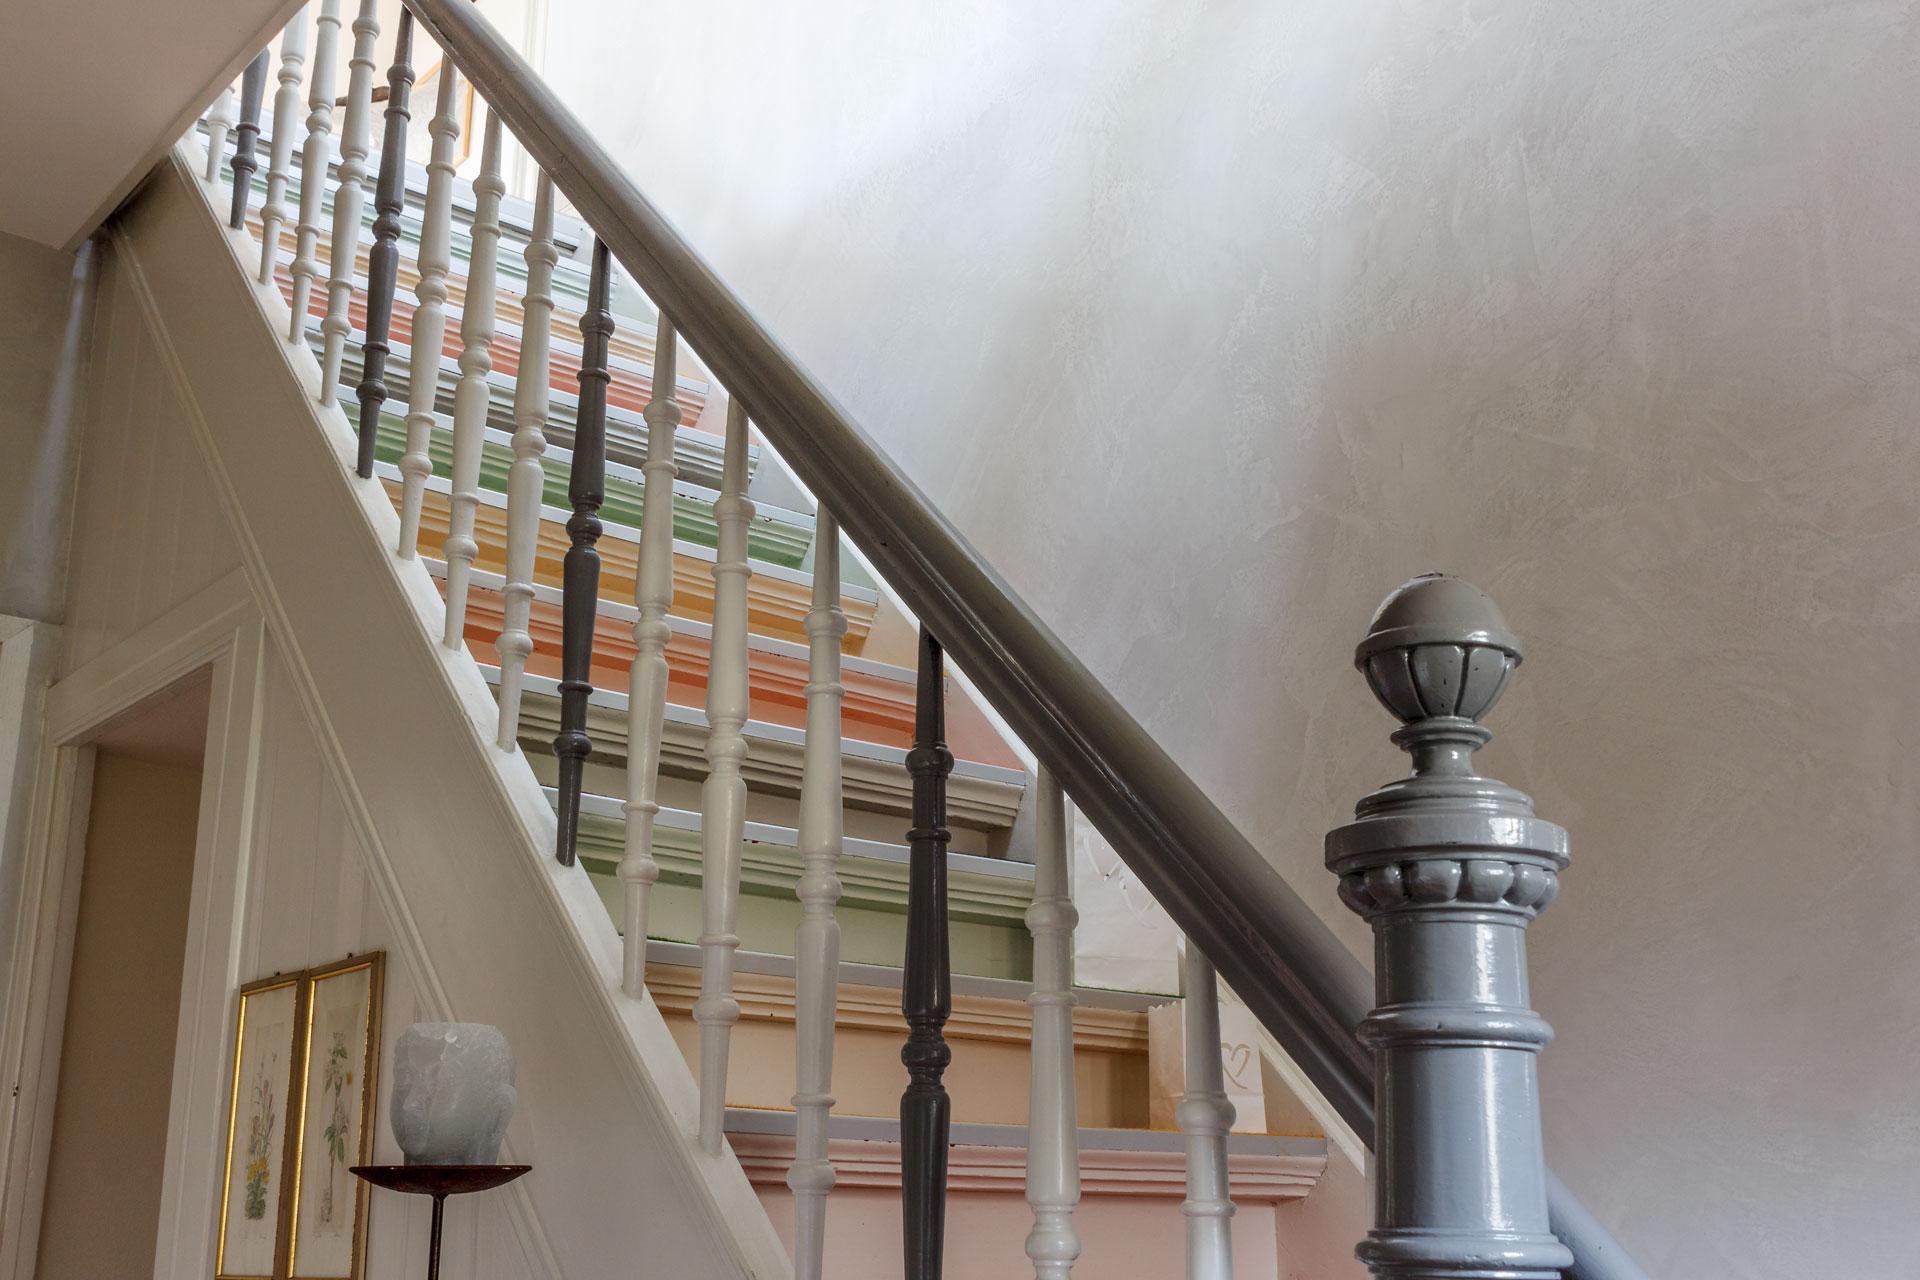 Raum- und Treppenhausgestaltung in einem Wohnhaus in Dortmund